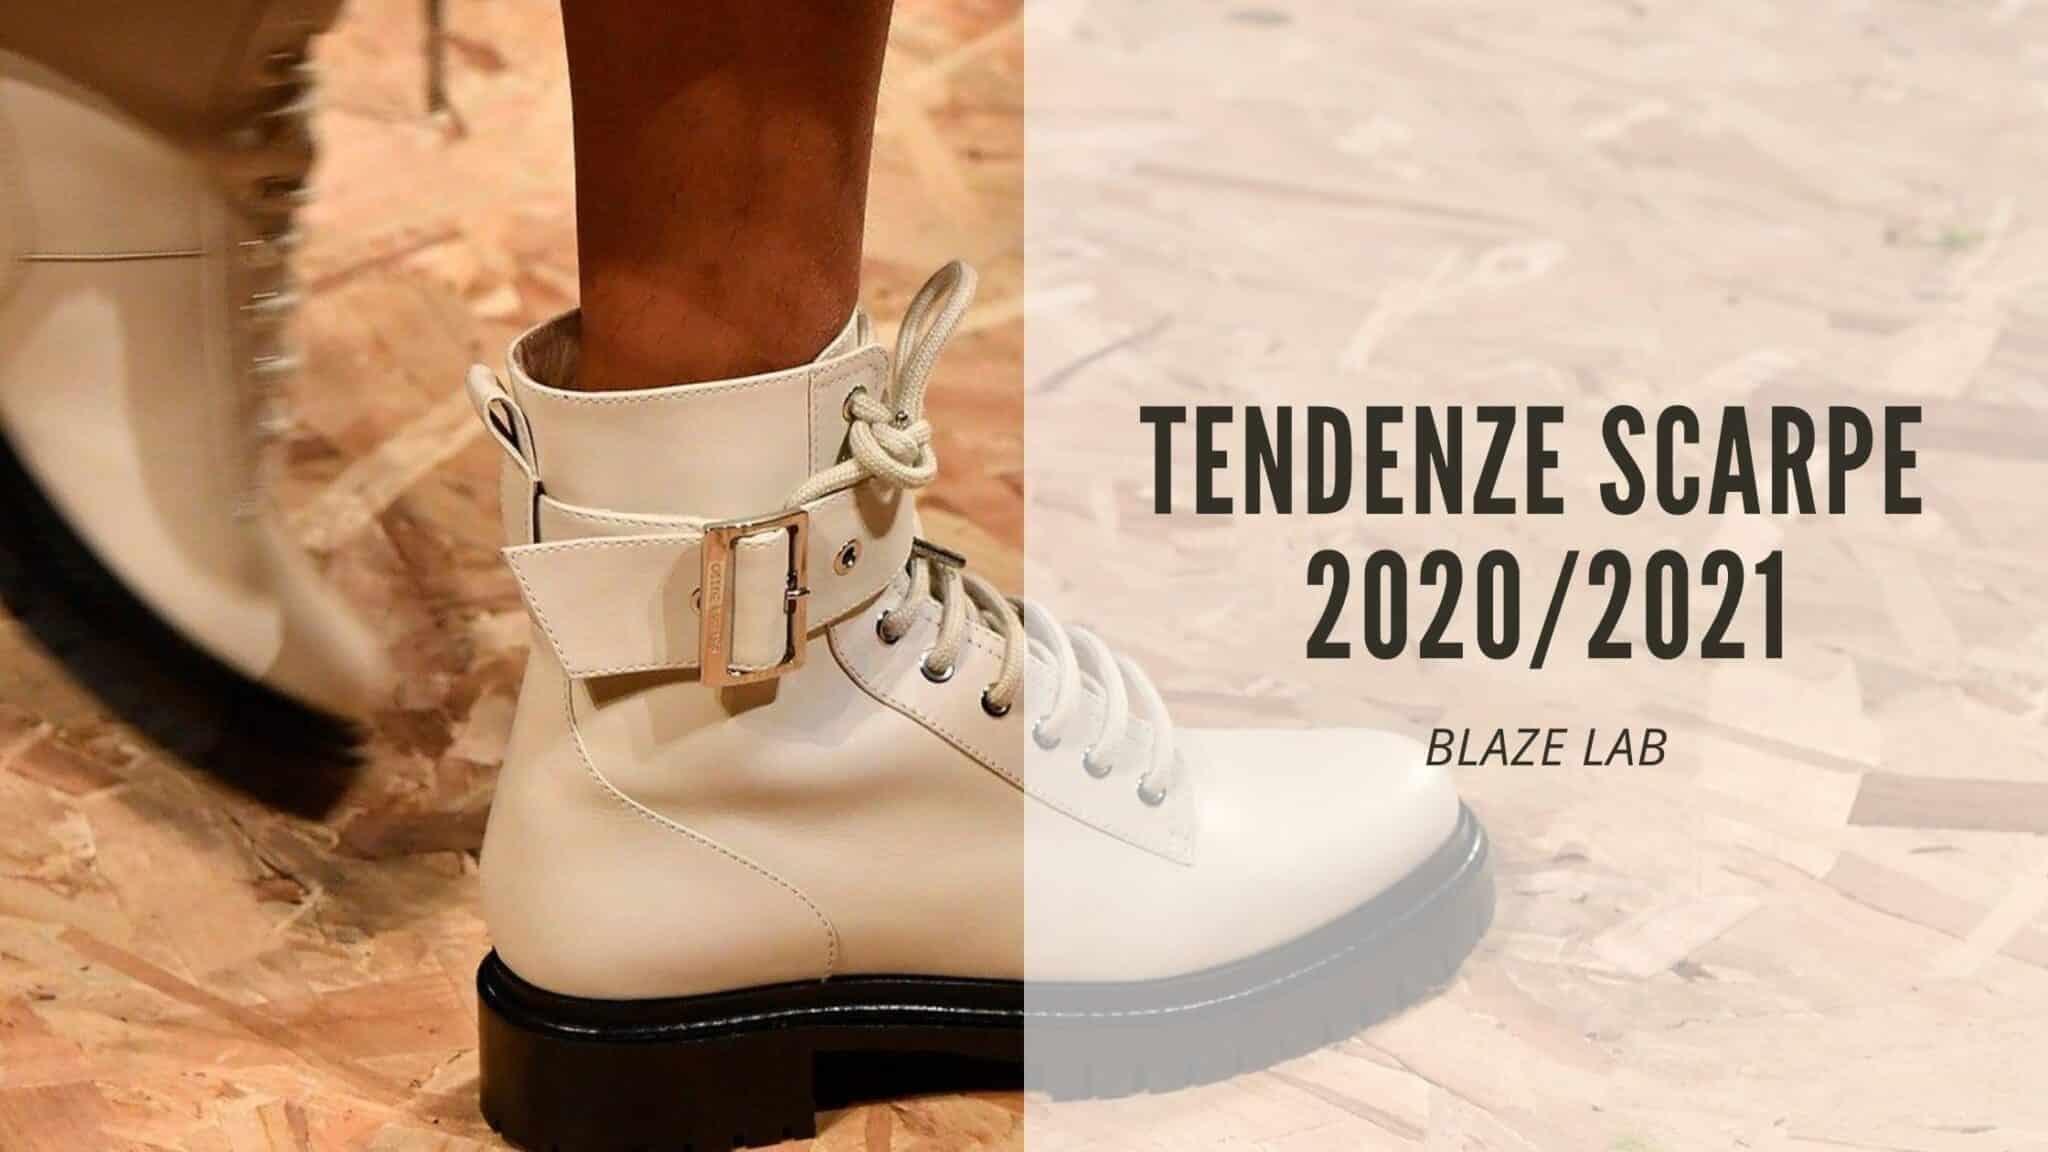 Ecco le scarpe di tendenza per la stagione autunno-inverno 2020/2021